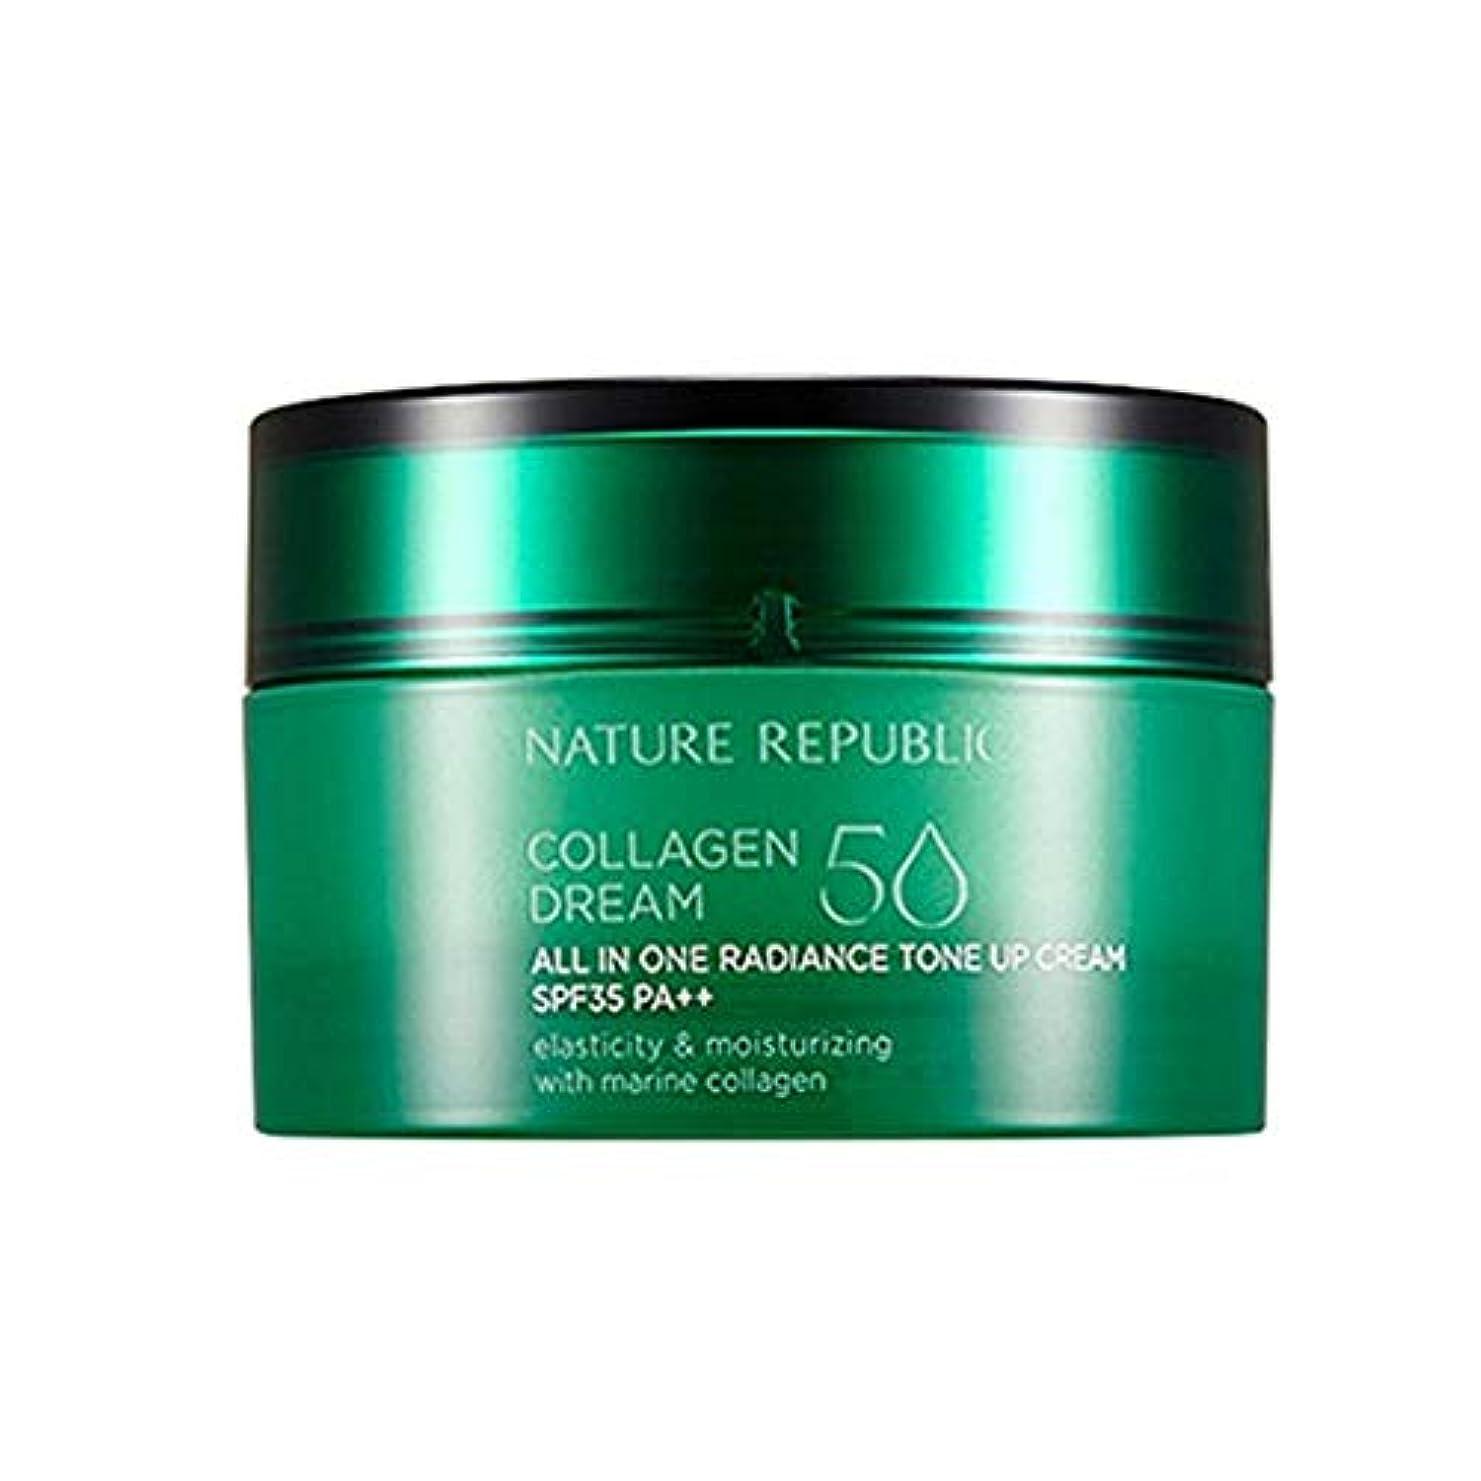 高層ビル出席する寛大なネイチャーリパブリックコラーゲンドリーム50オールインワンラディアンストンアップクリーム50ml韓国コスメ、Nature Republic Collagen Dream 50 All in One Radiance Tone up Cream 50ml Korean Cosmetics [並行輸入品]